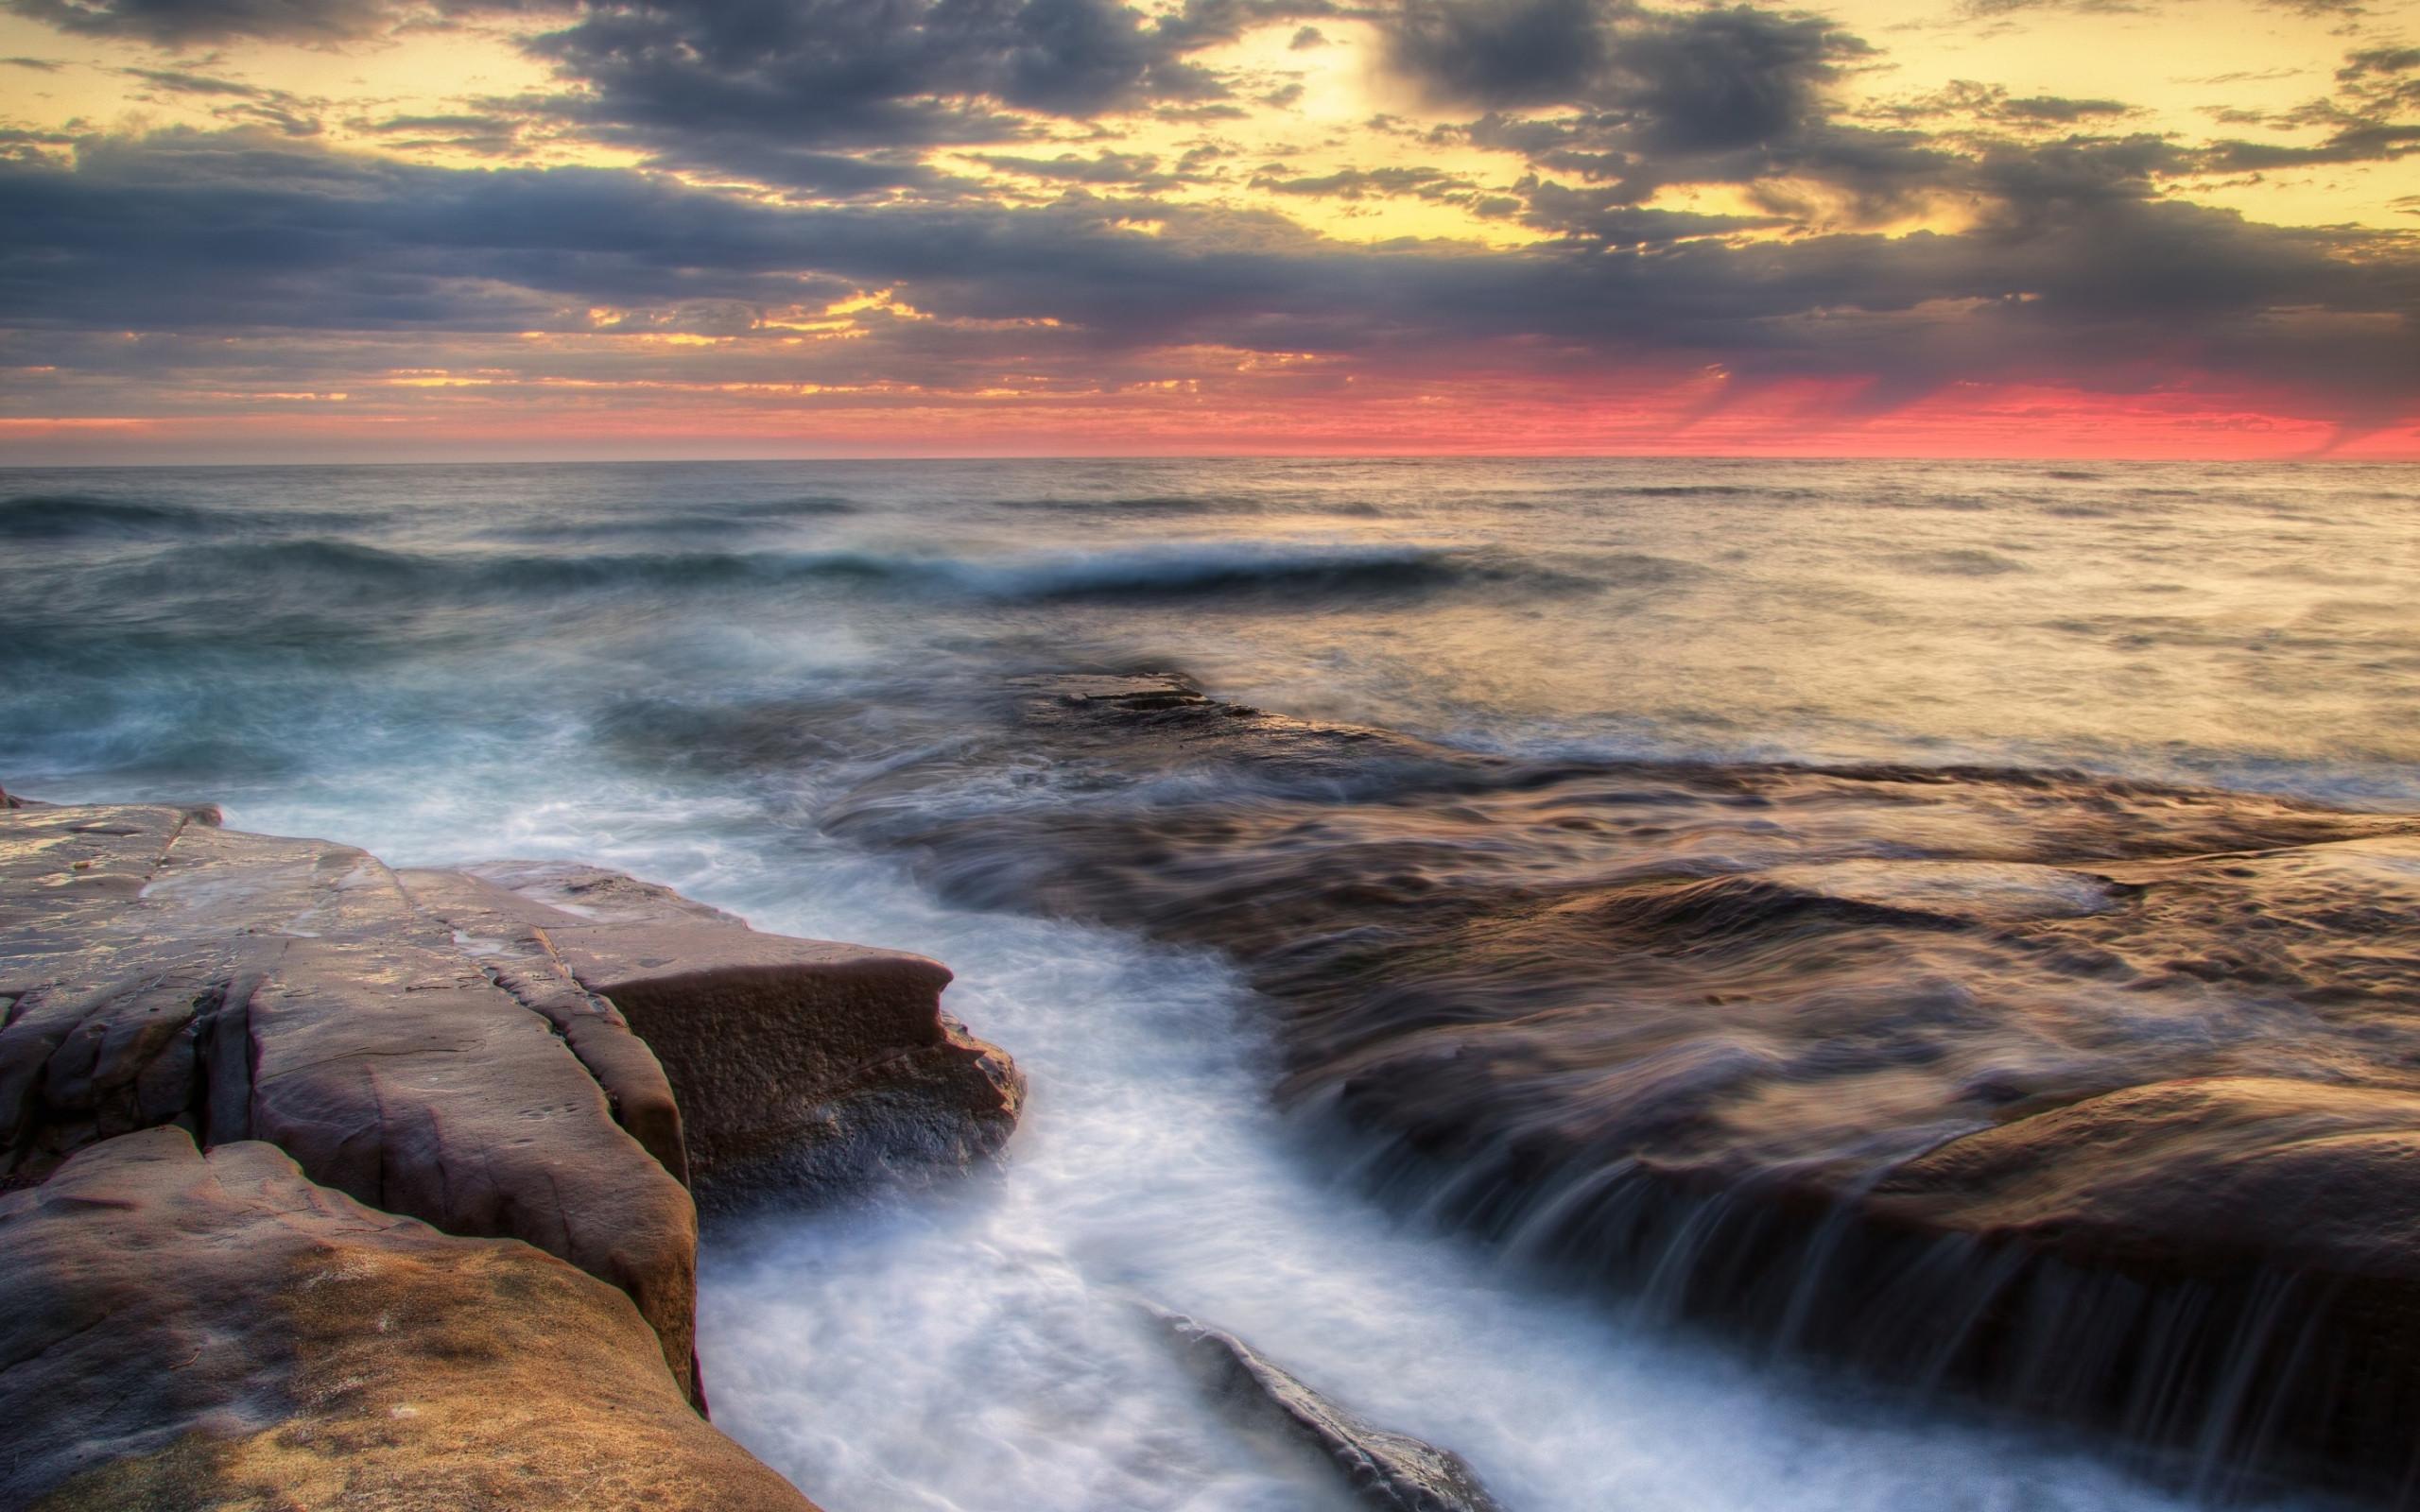 Nhiếp ảnh phong cảnh | 11 cách chụp ảnh phong cảnh đẹp cần nhớ.